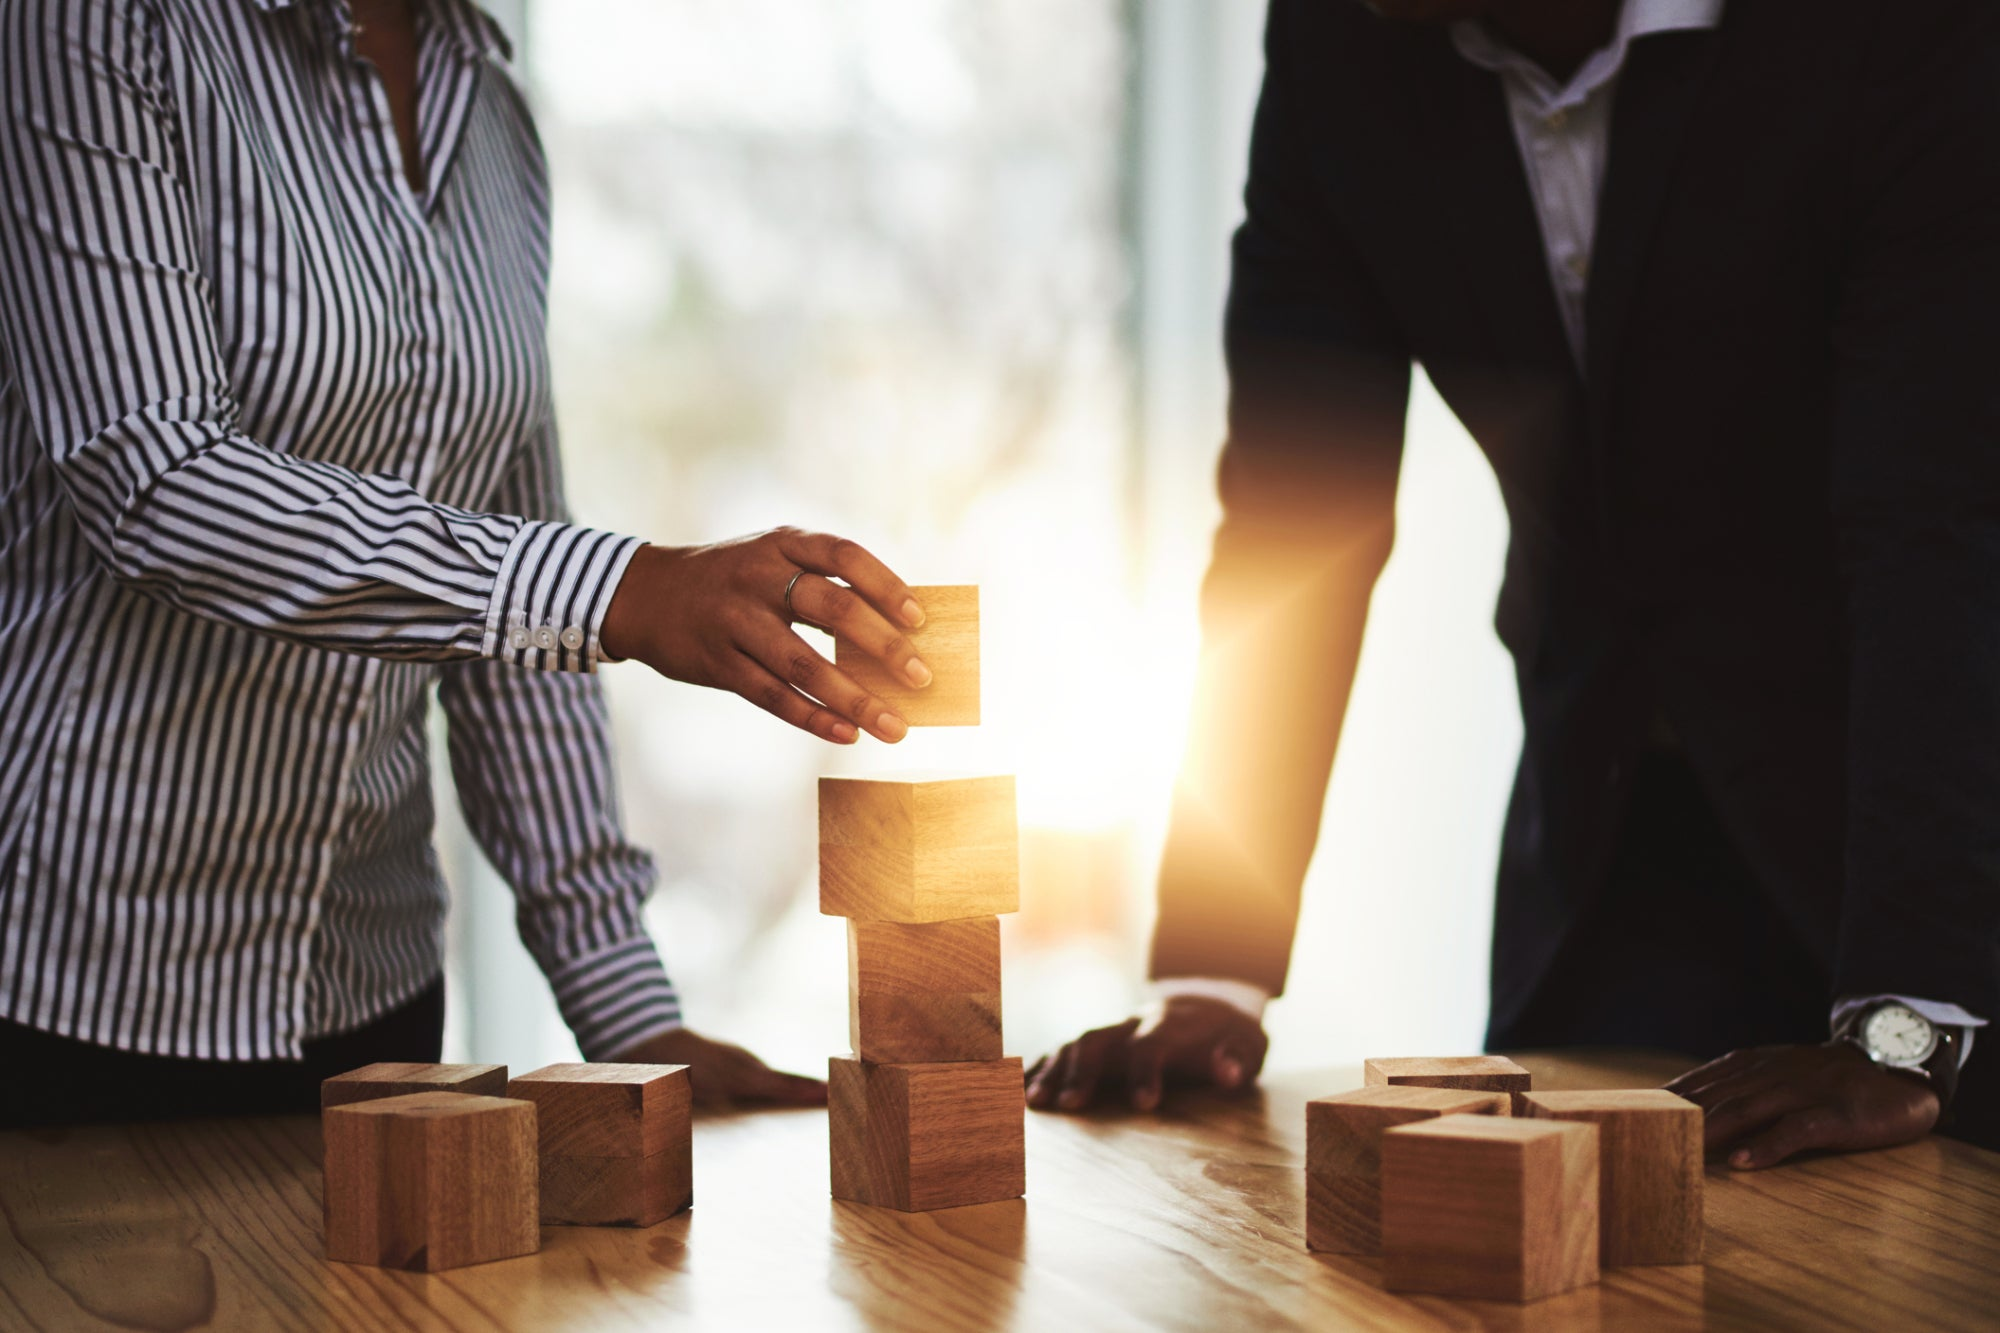 5 Tips For Building an Entrepreneurial Framework